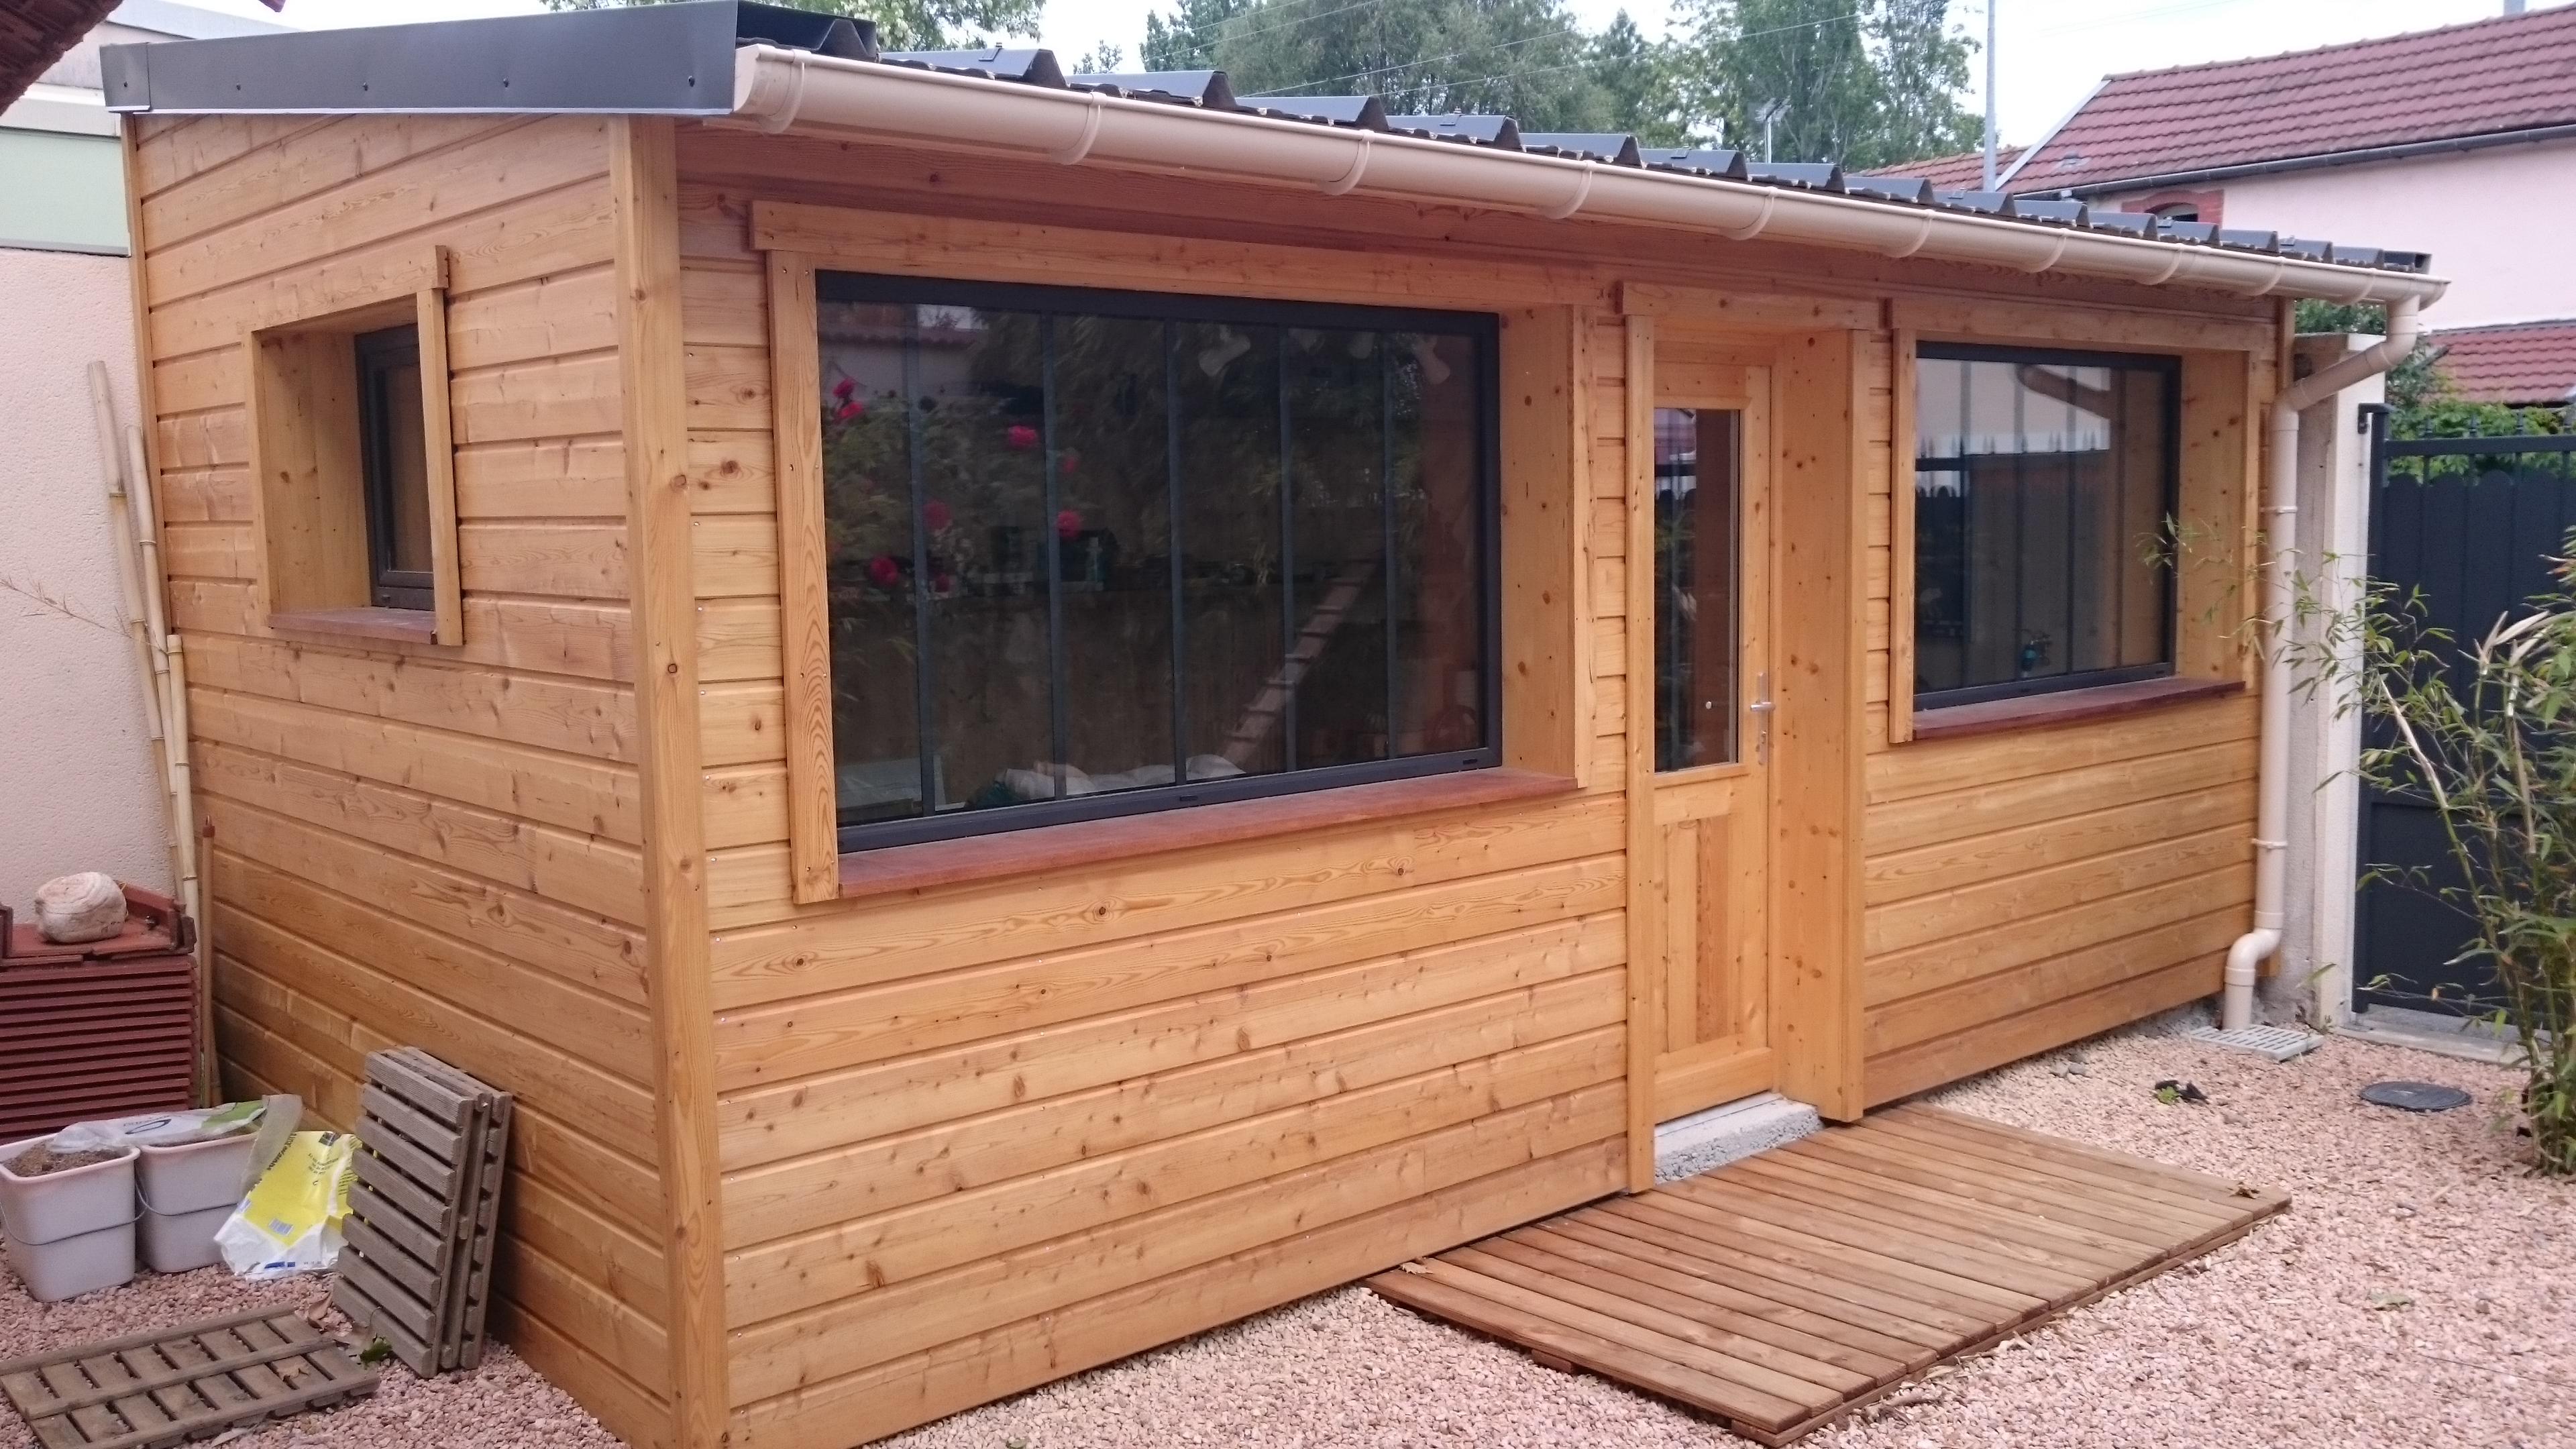 extensions nordi bois construction maisons madrier et ossature bois. Black Bedroom Furniture Sets. Home Design Ideas